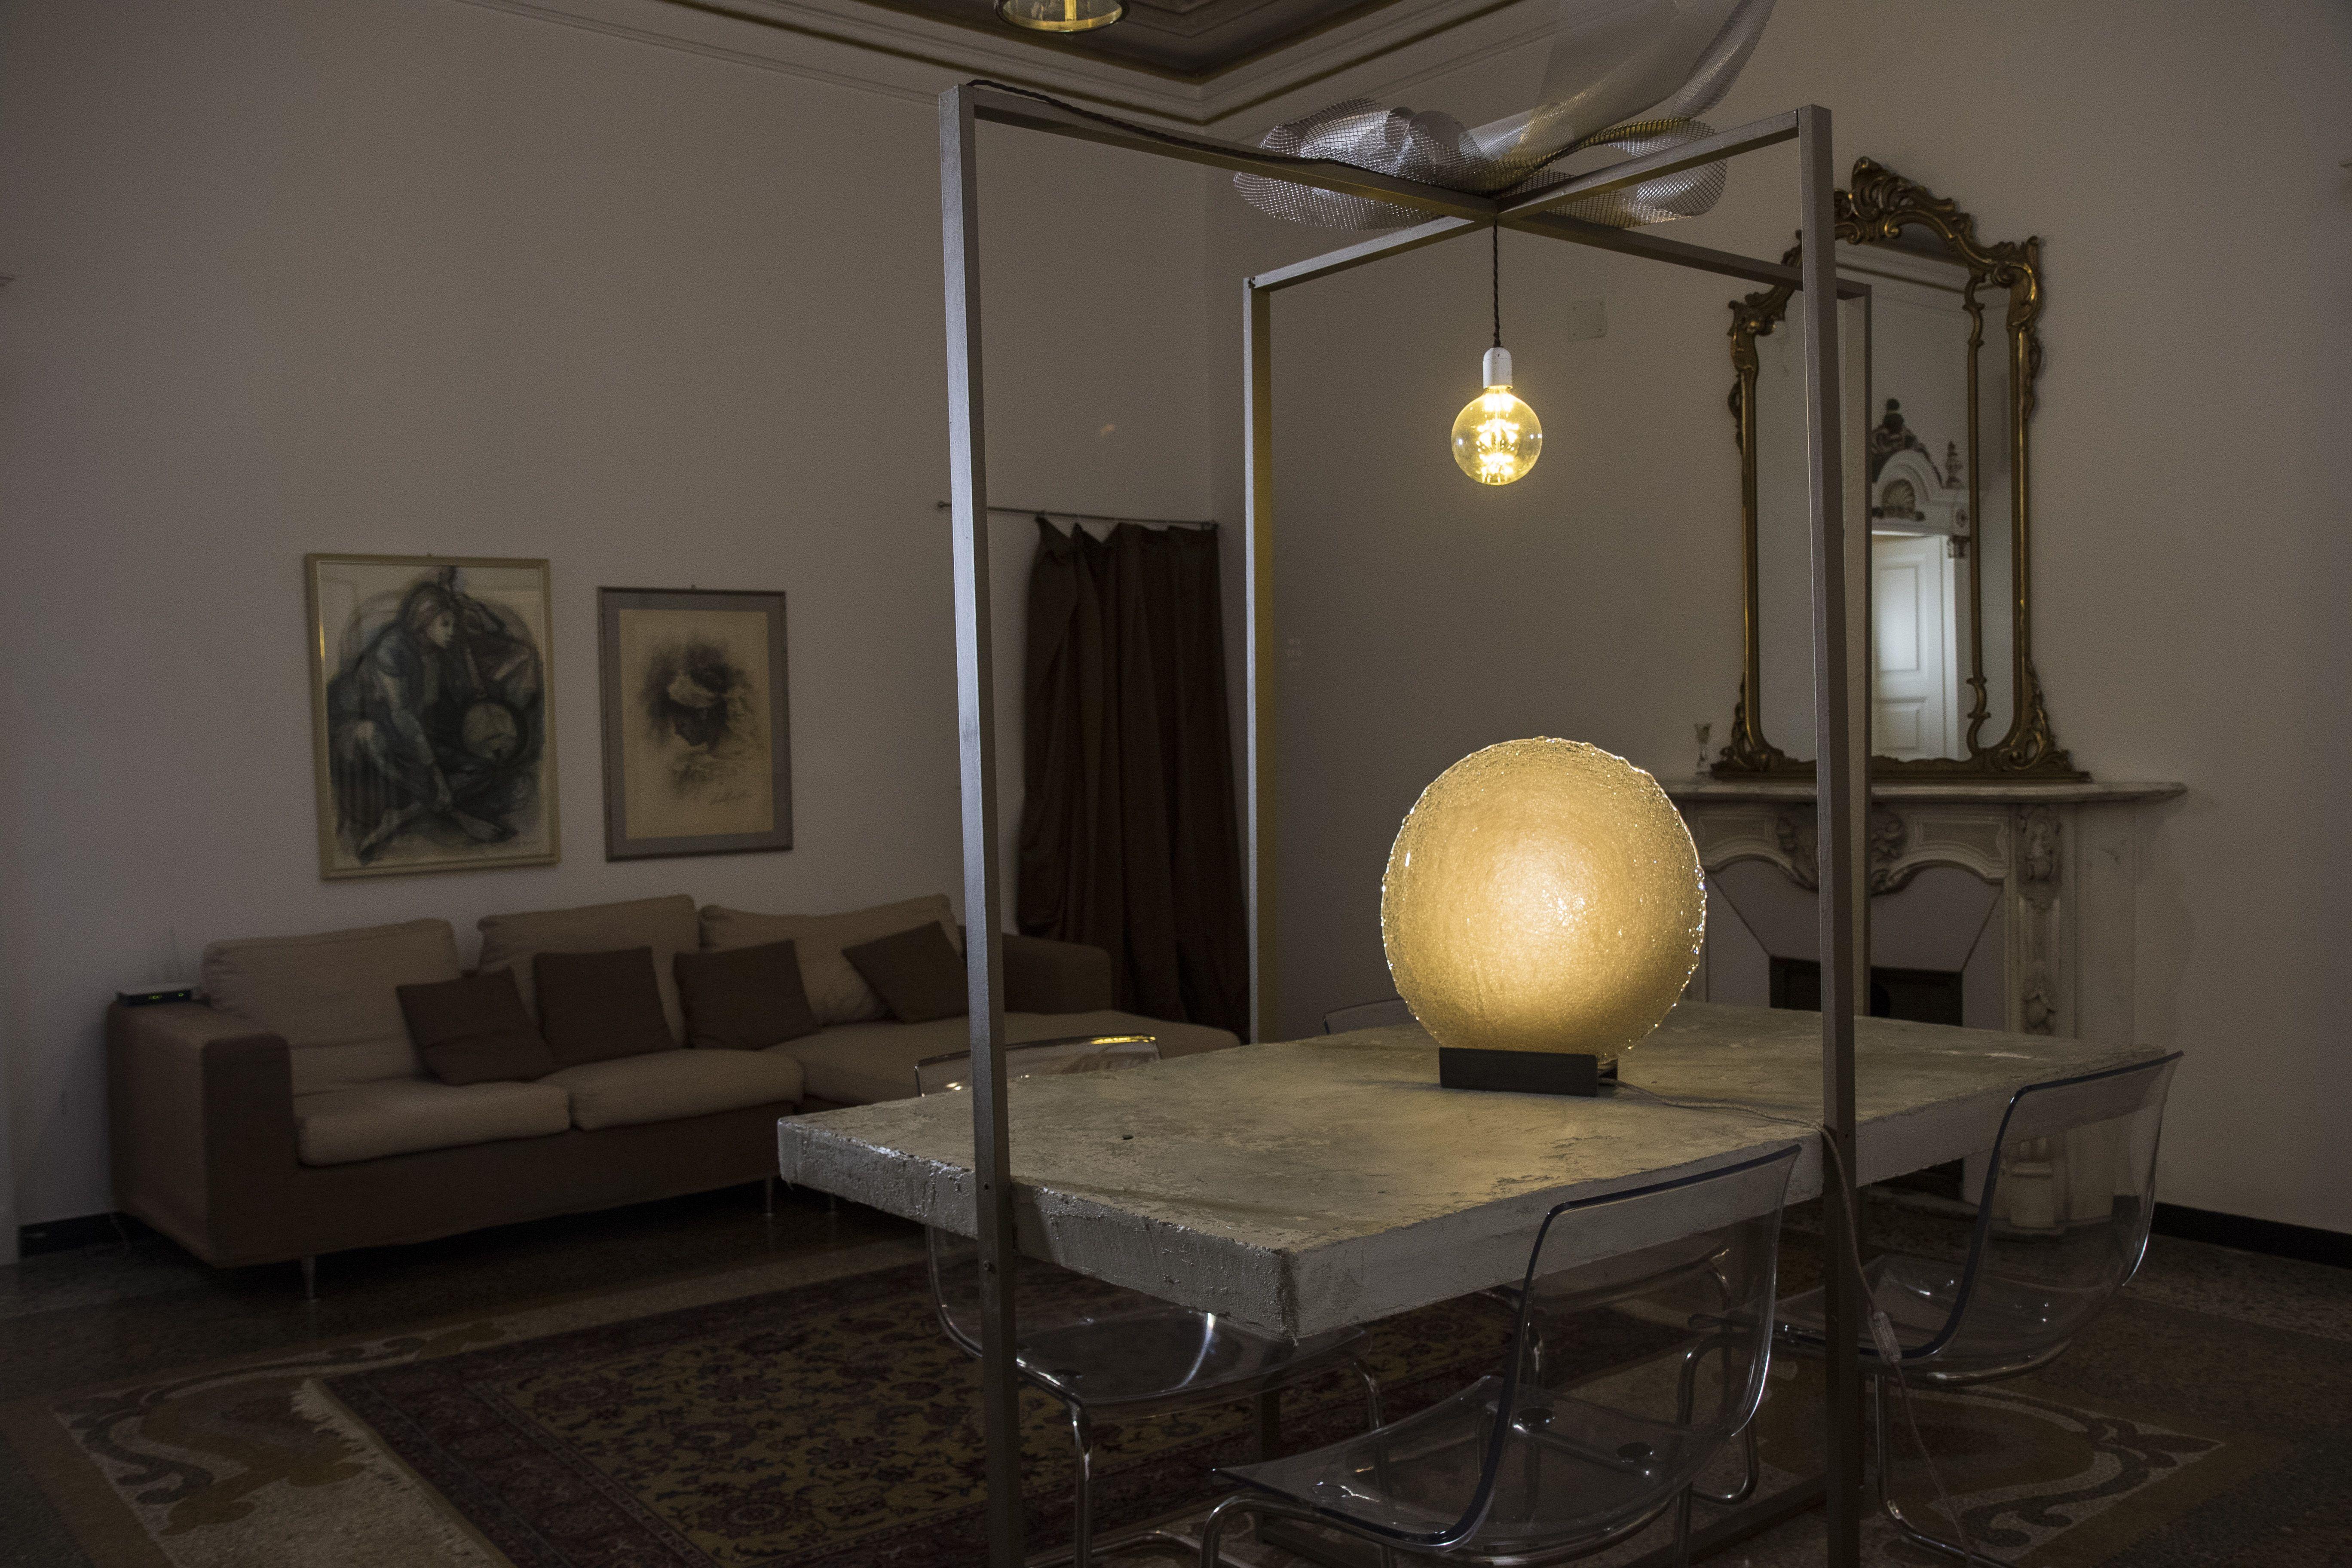 Alone non è solo una lampada di design. Alone racconta una